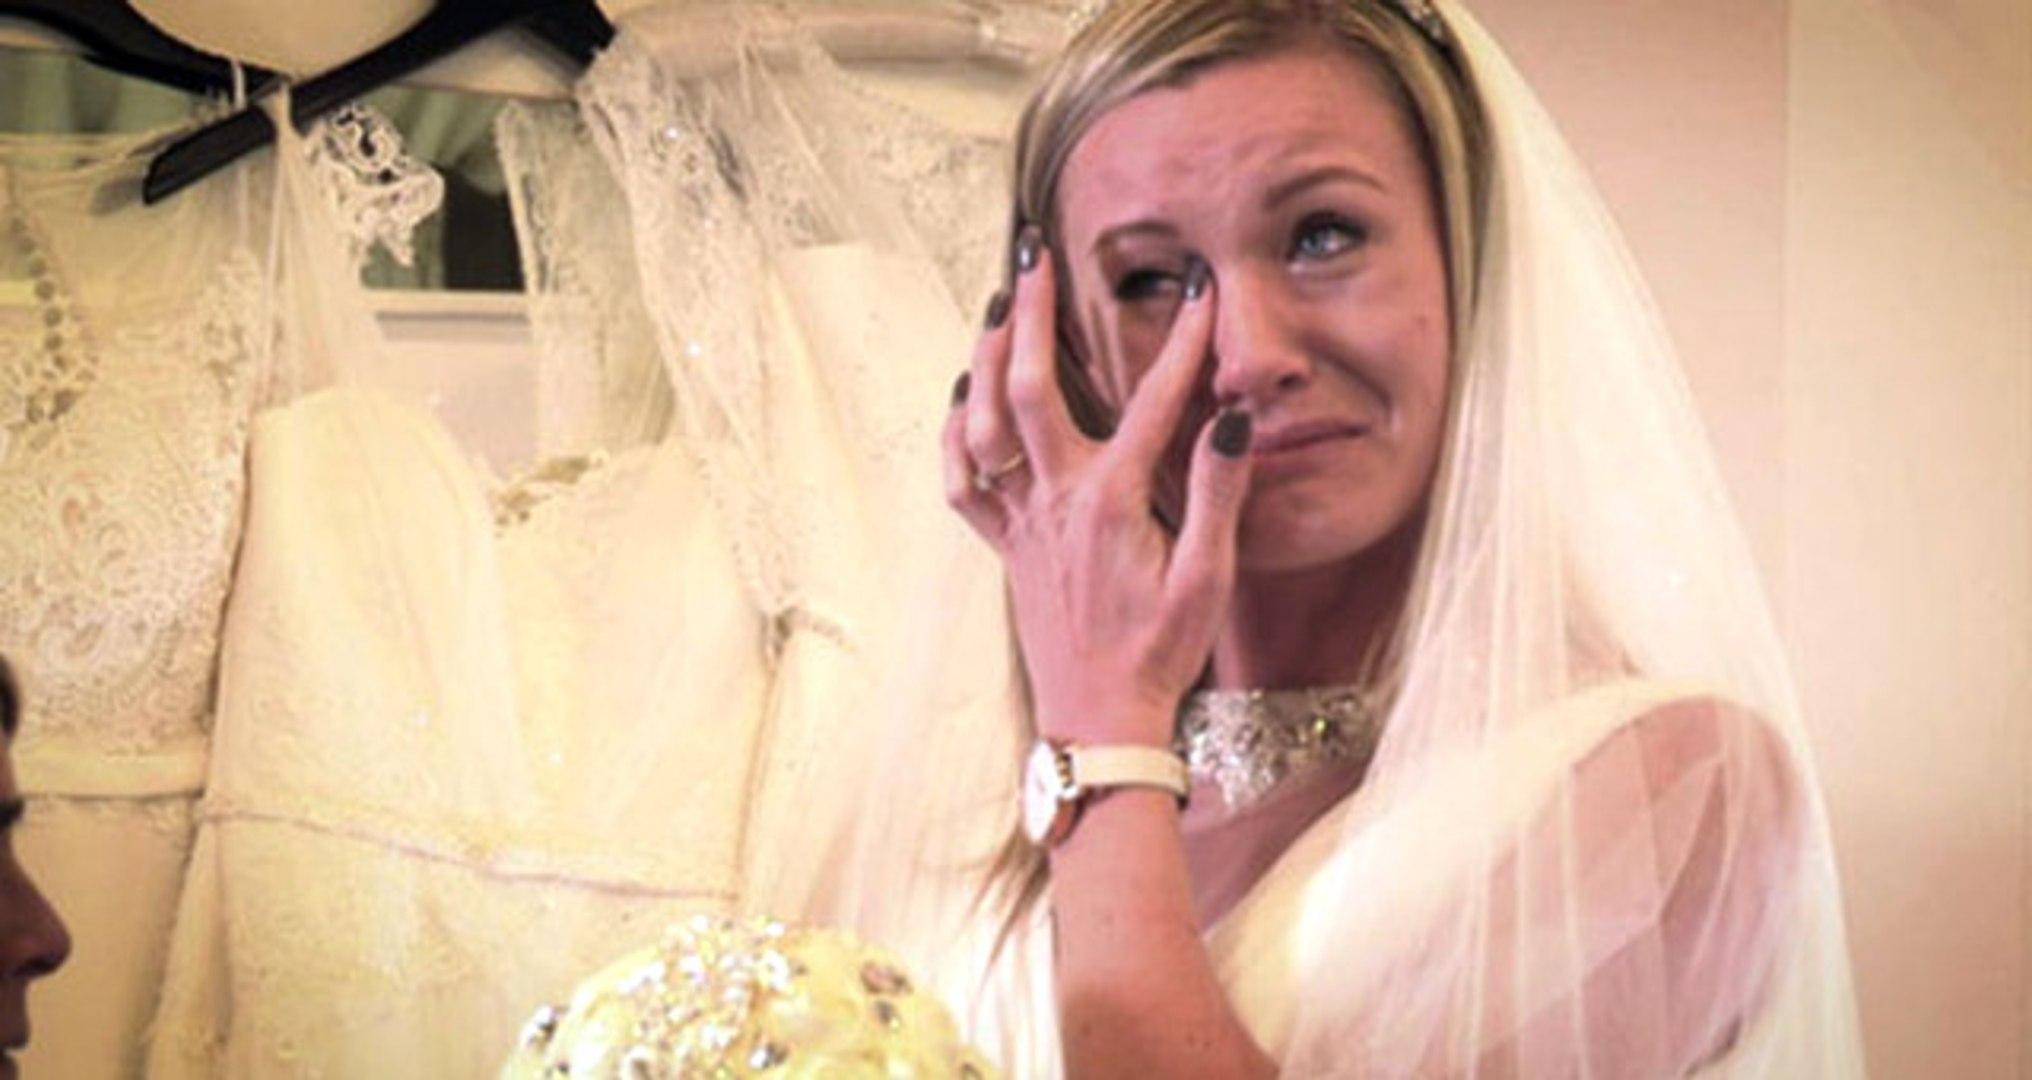 İngiltere'deki Evlilik Programında, Damat Adayı Her Şeyin Rol Olduğunu Bir Bir İfşa Etti